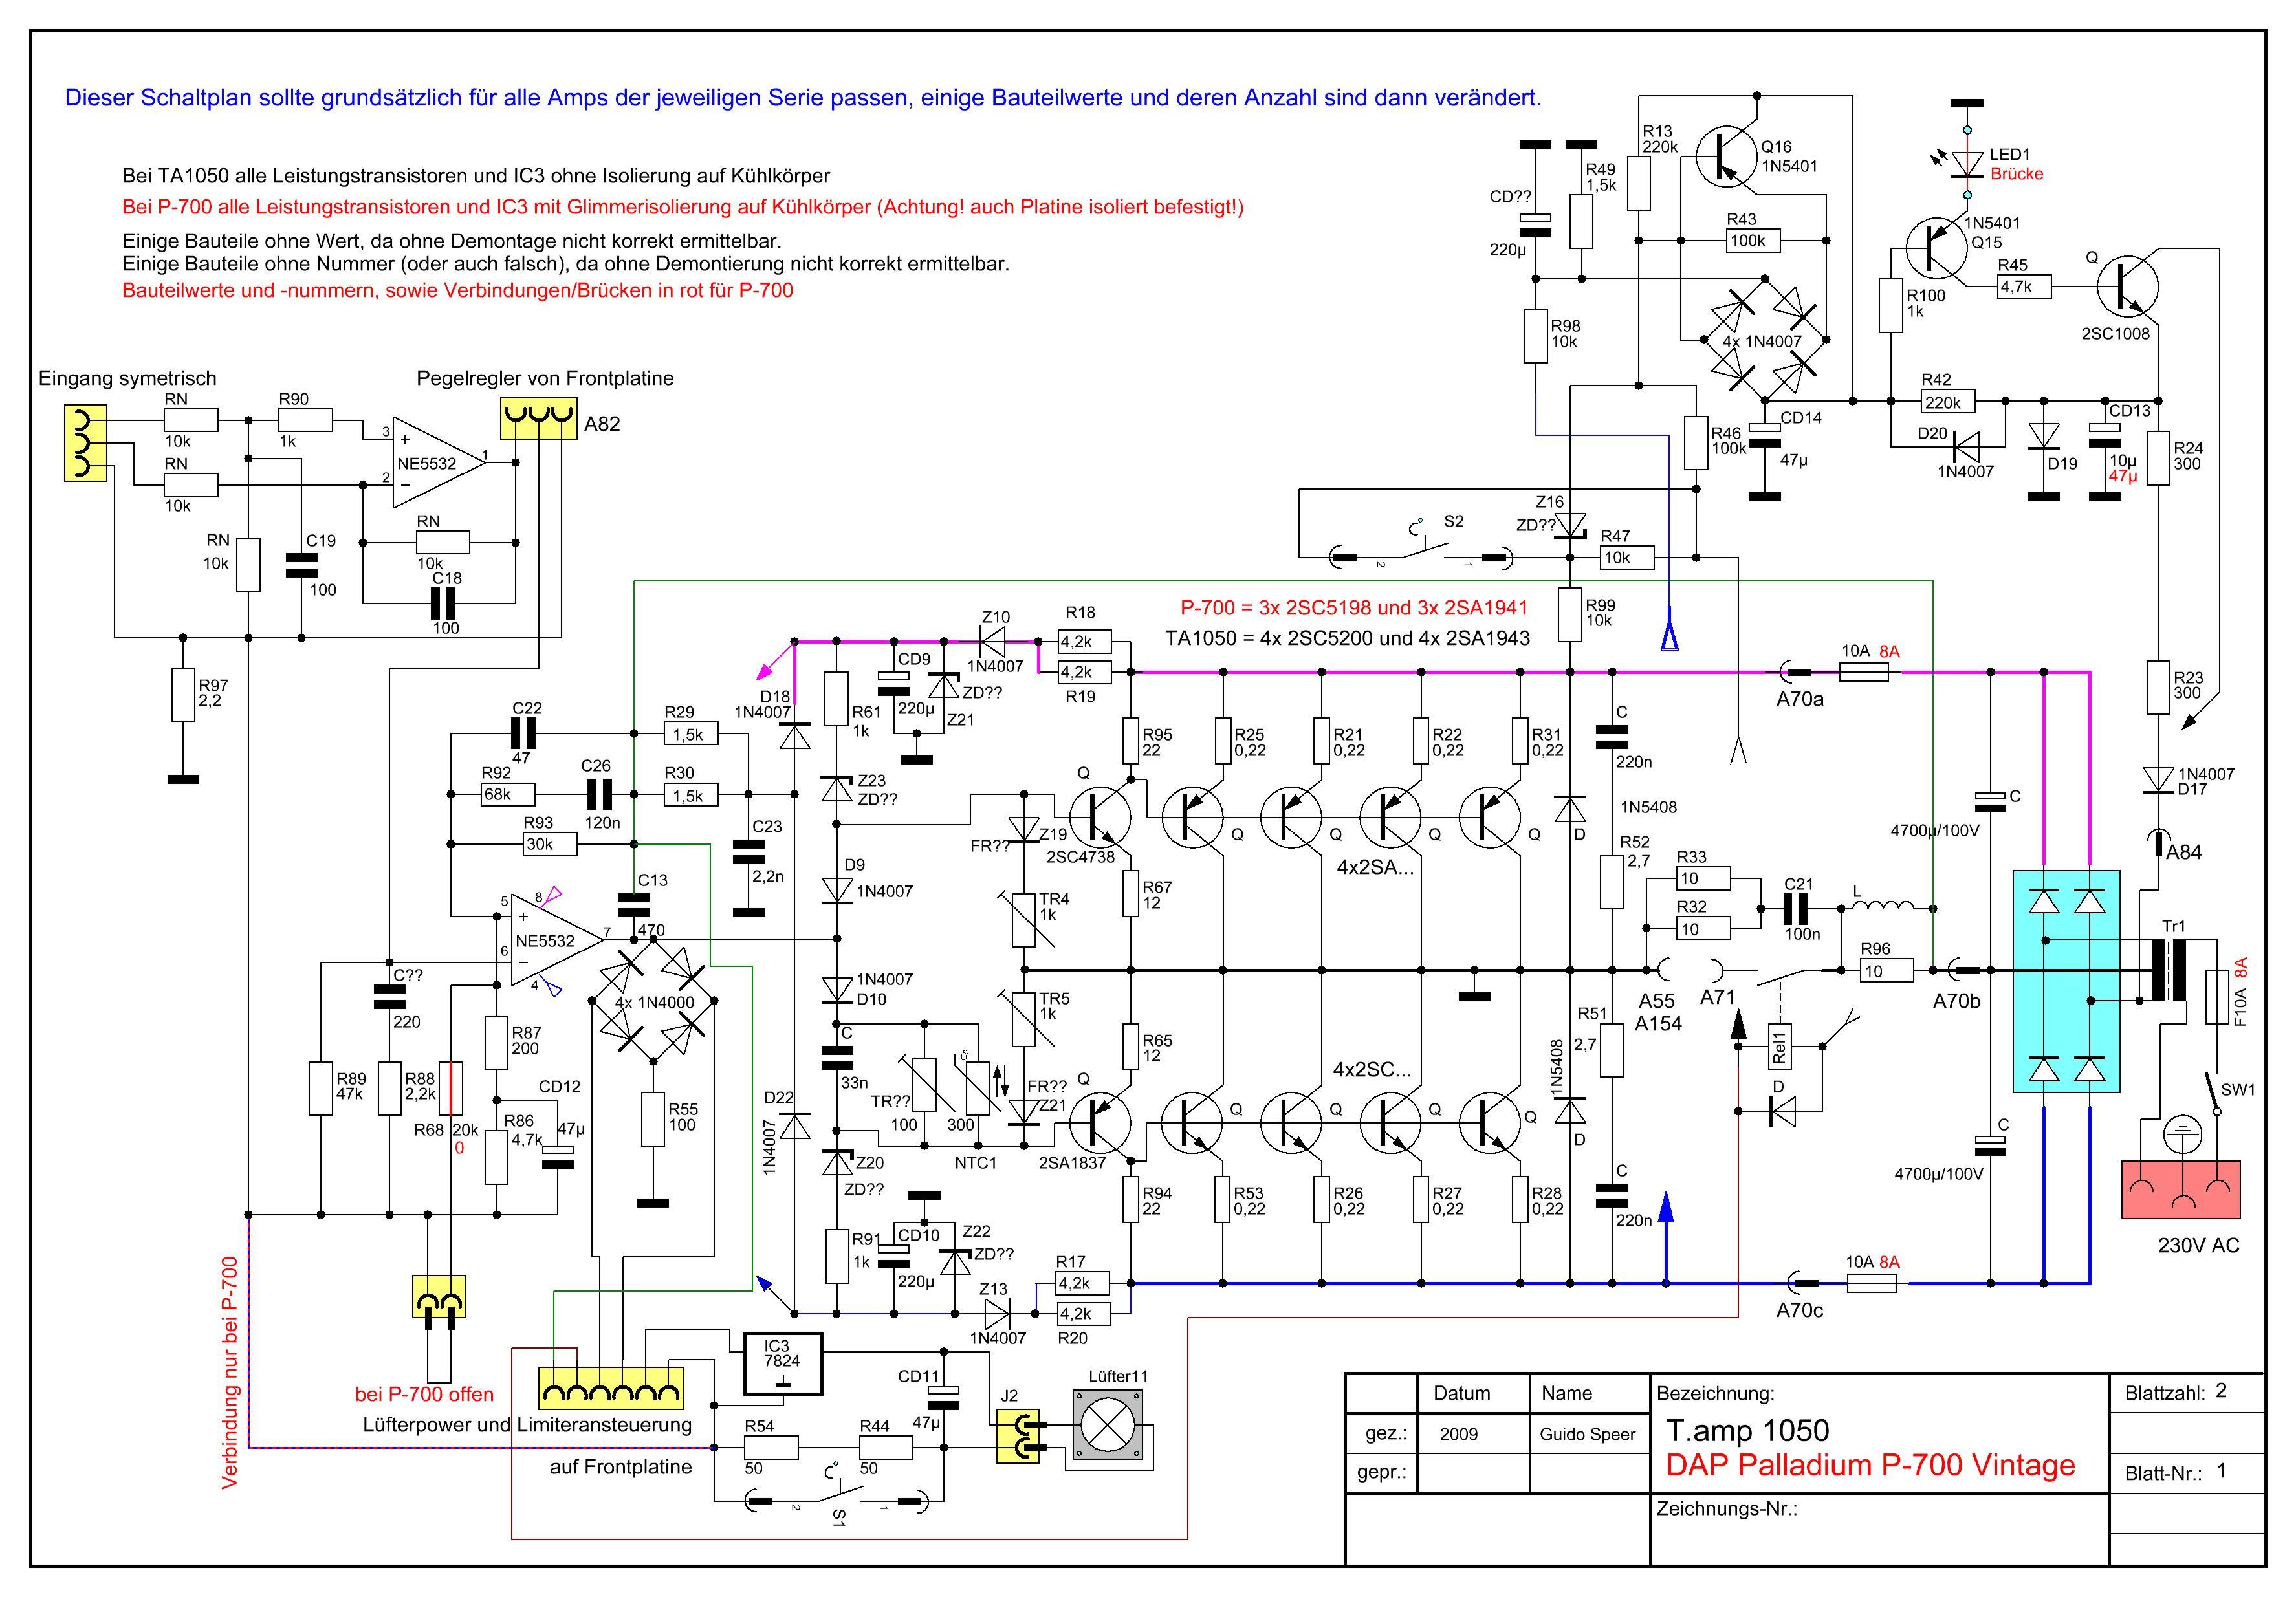 T-Amp 1050, rechter Kanal defekt, Reparatur ? - Verstärker - PA-Forum